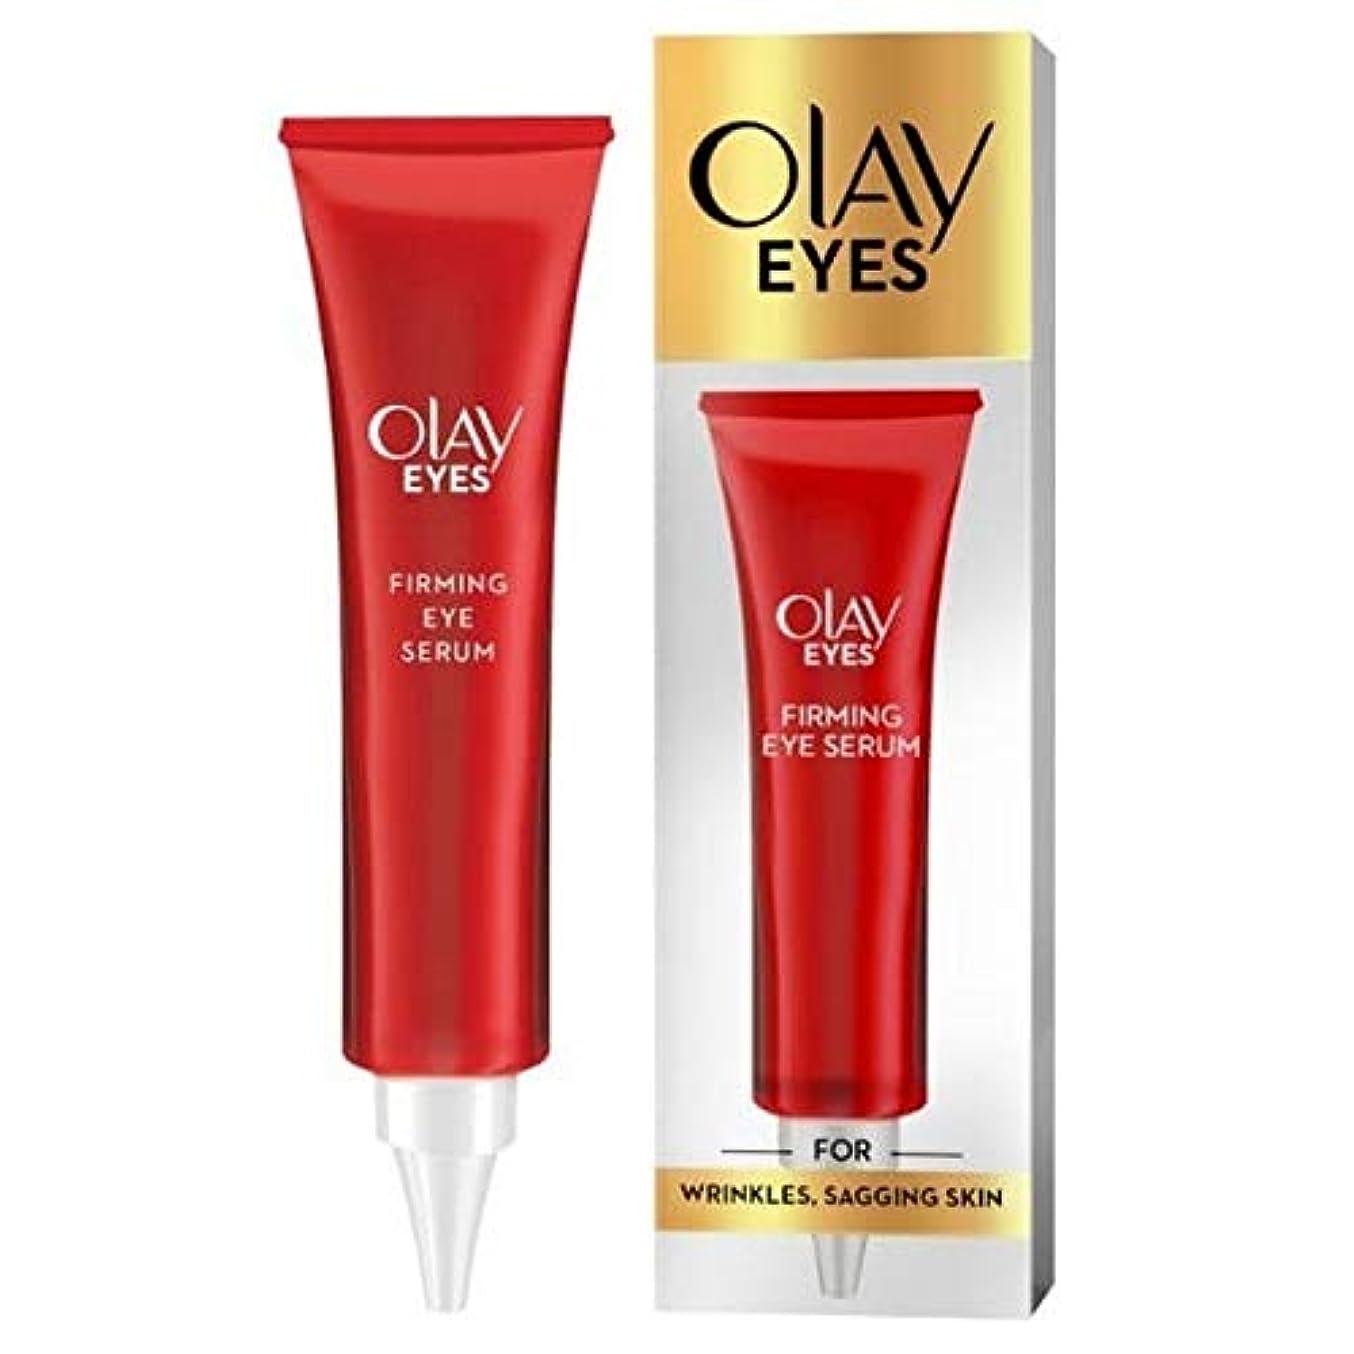 消す何でも特徴[Olay ] オーレイ目目の血清15 Mlの引き締め - Olay Eyes Firming Eye Serum 15 Ml [並行輸入品]